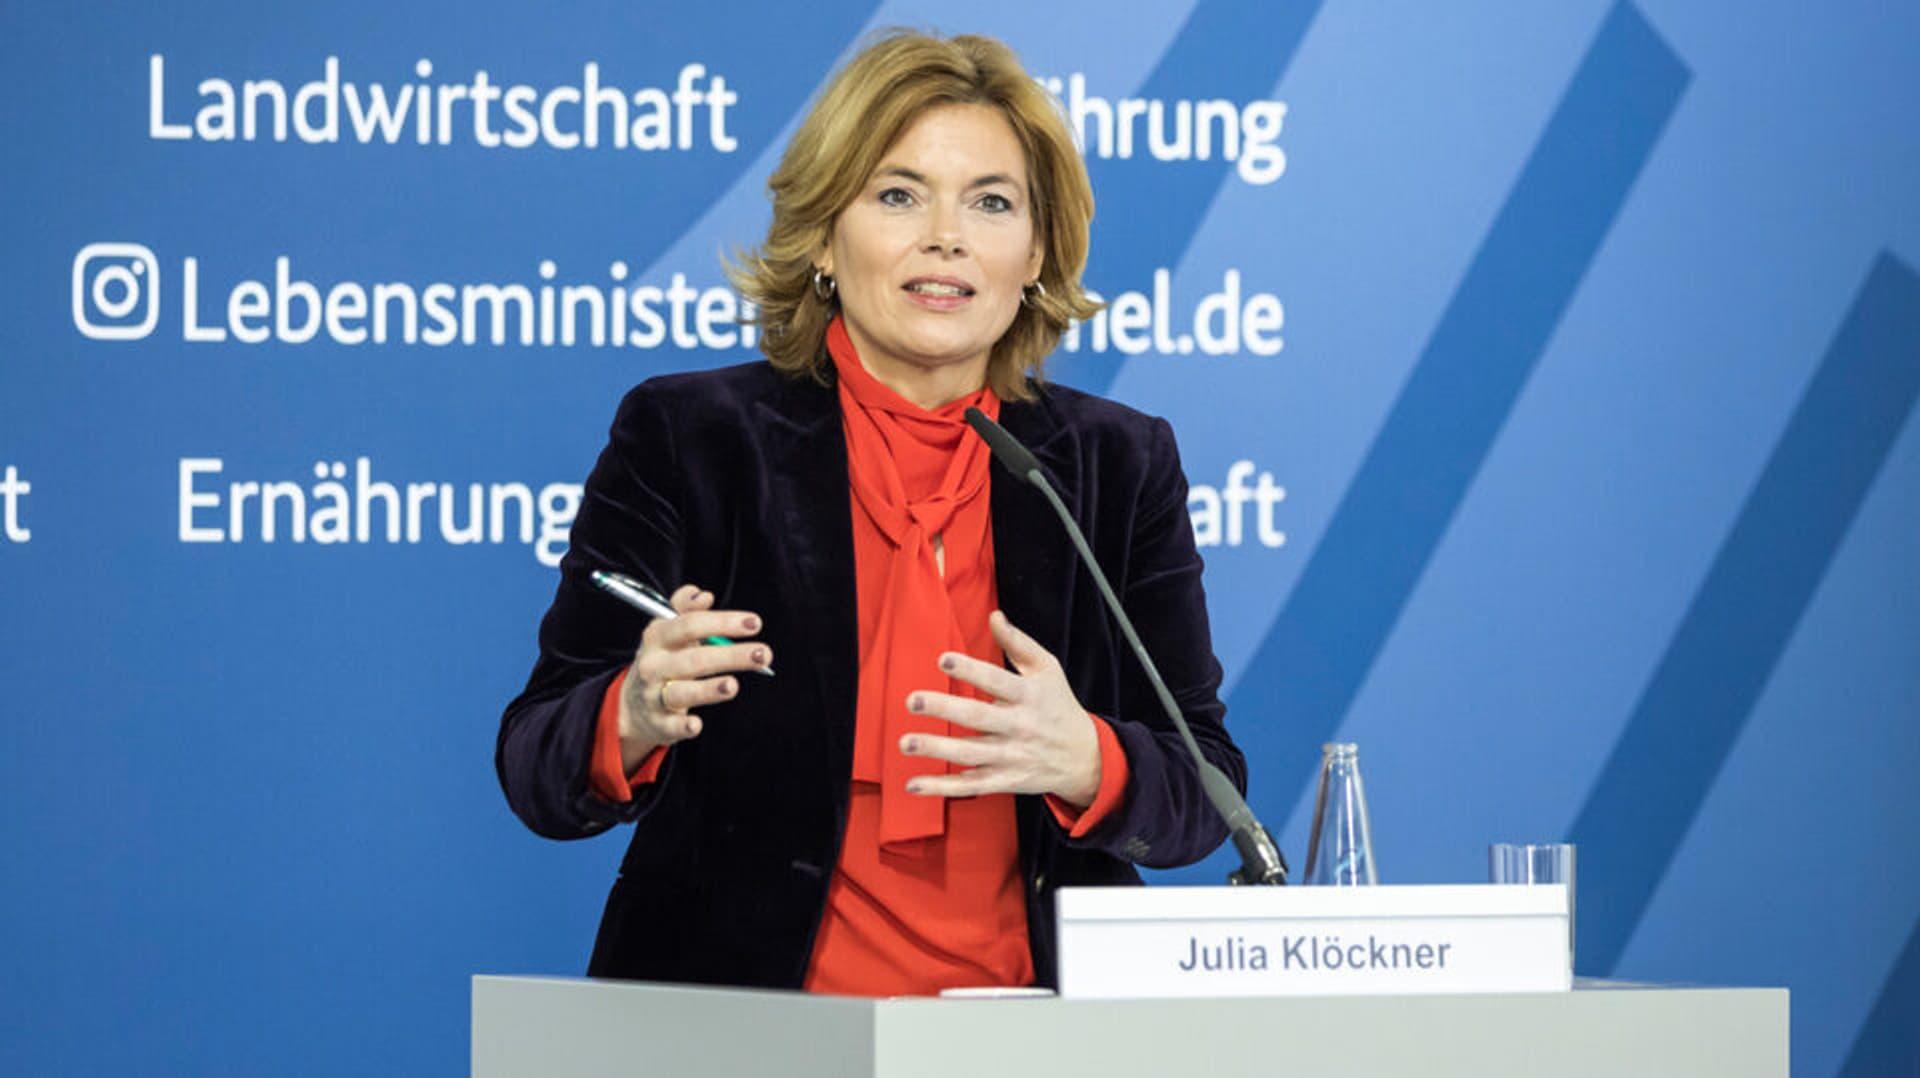 Julia Klöckner bei einer Pressekonferenz